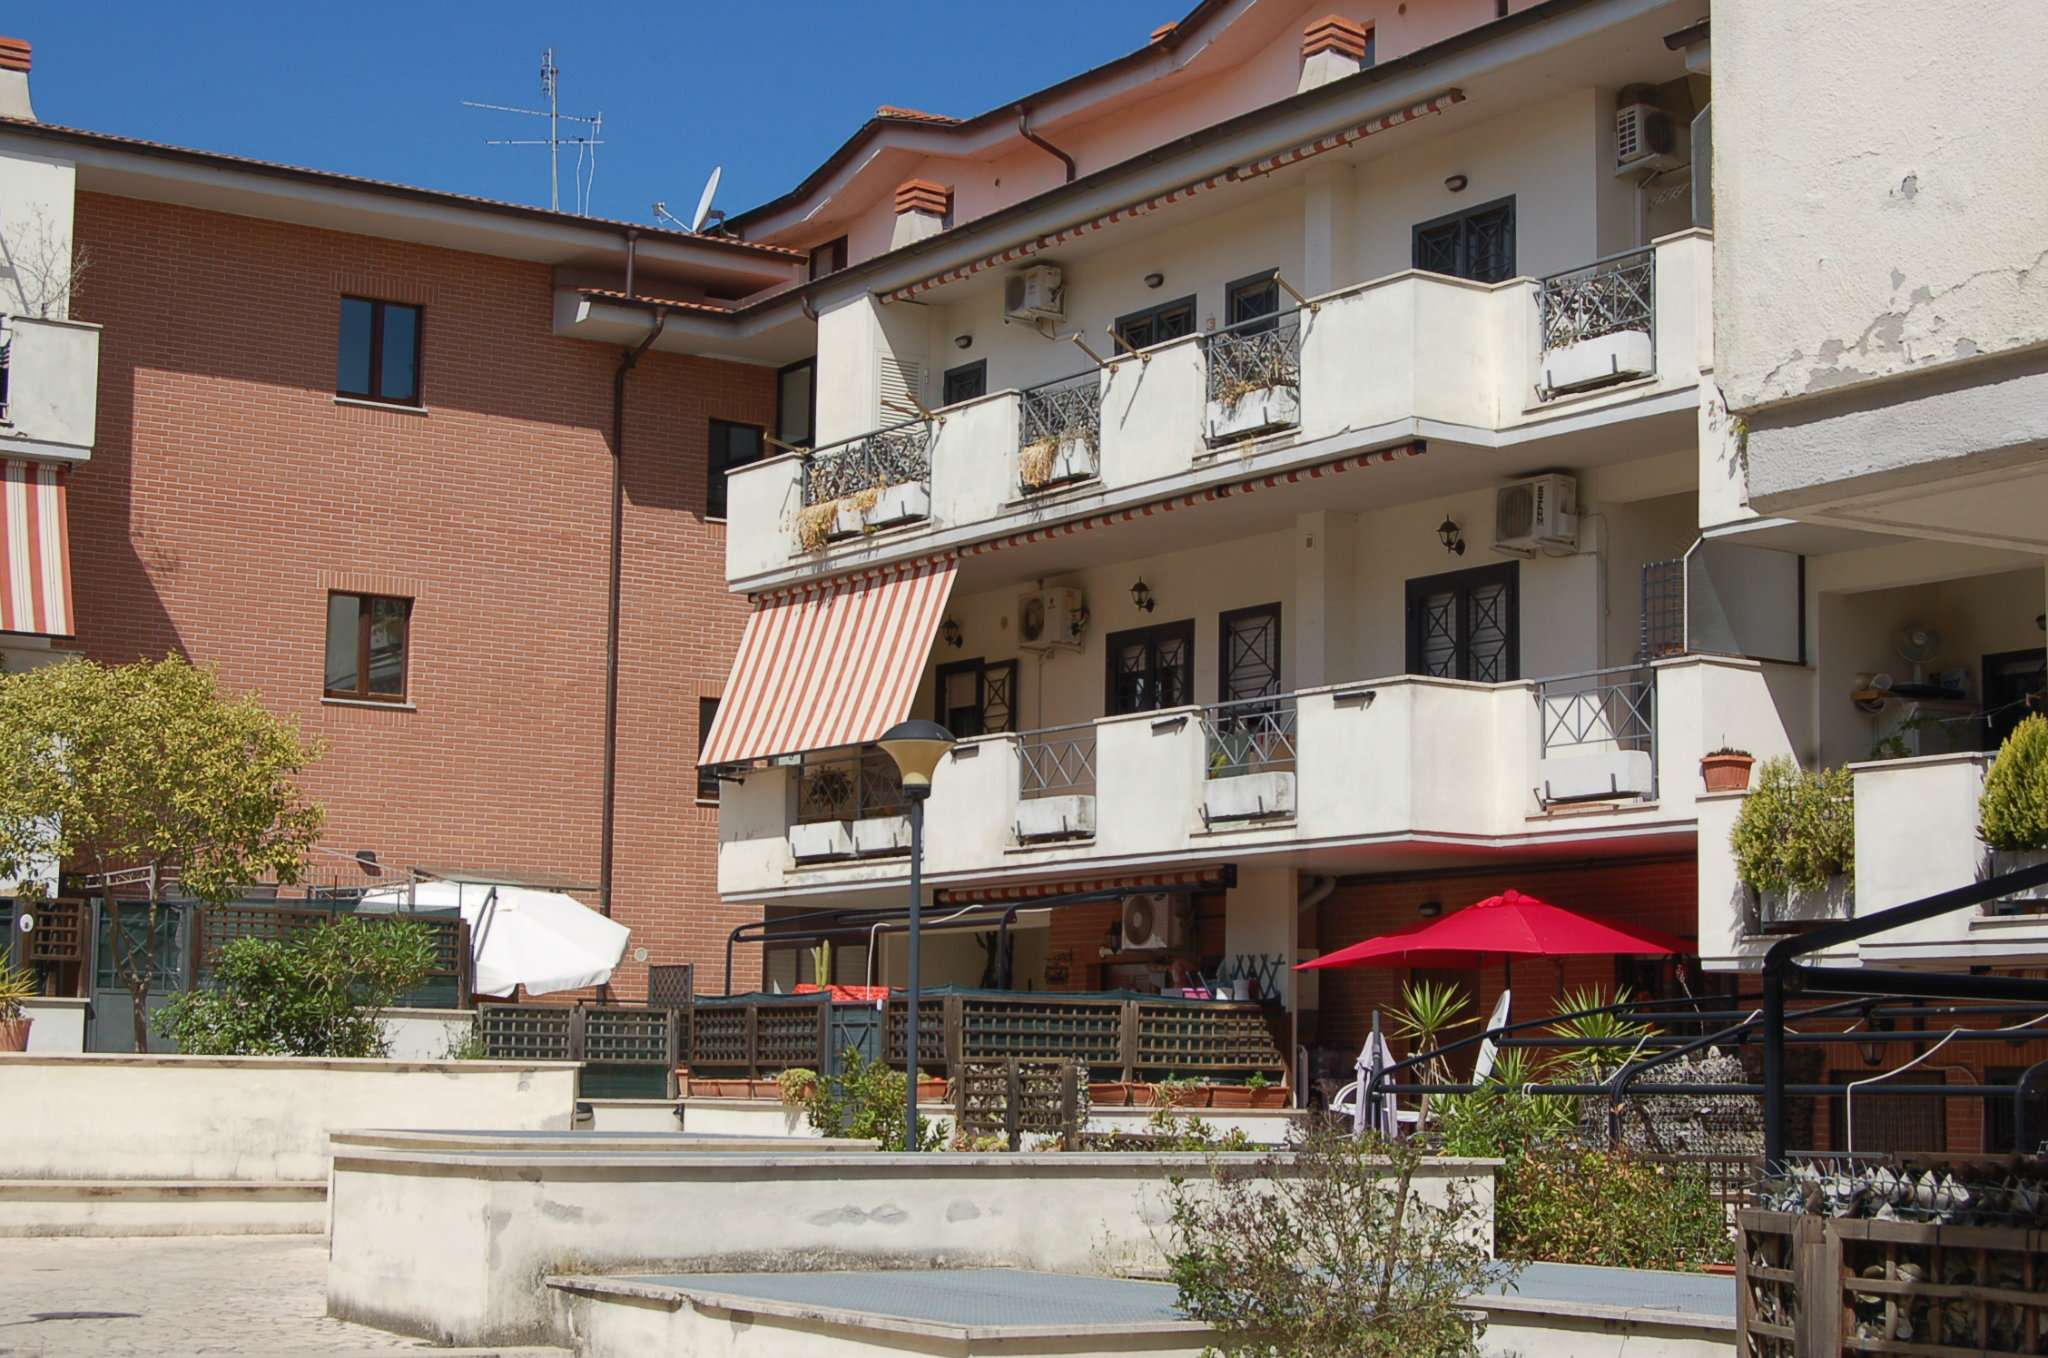 Appartamento in vendita a Fiano Romano, 2 locali, prezzo € 64.000 | Cambio Casa.it